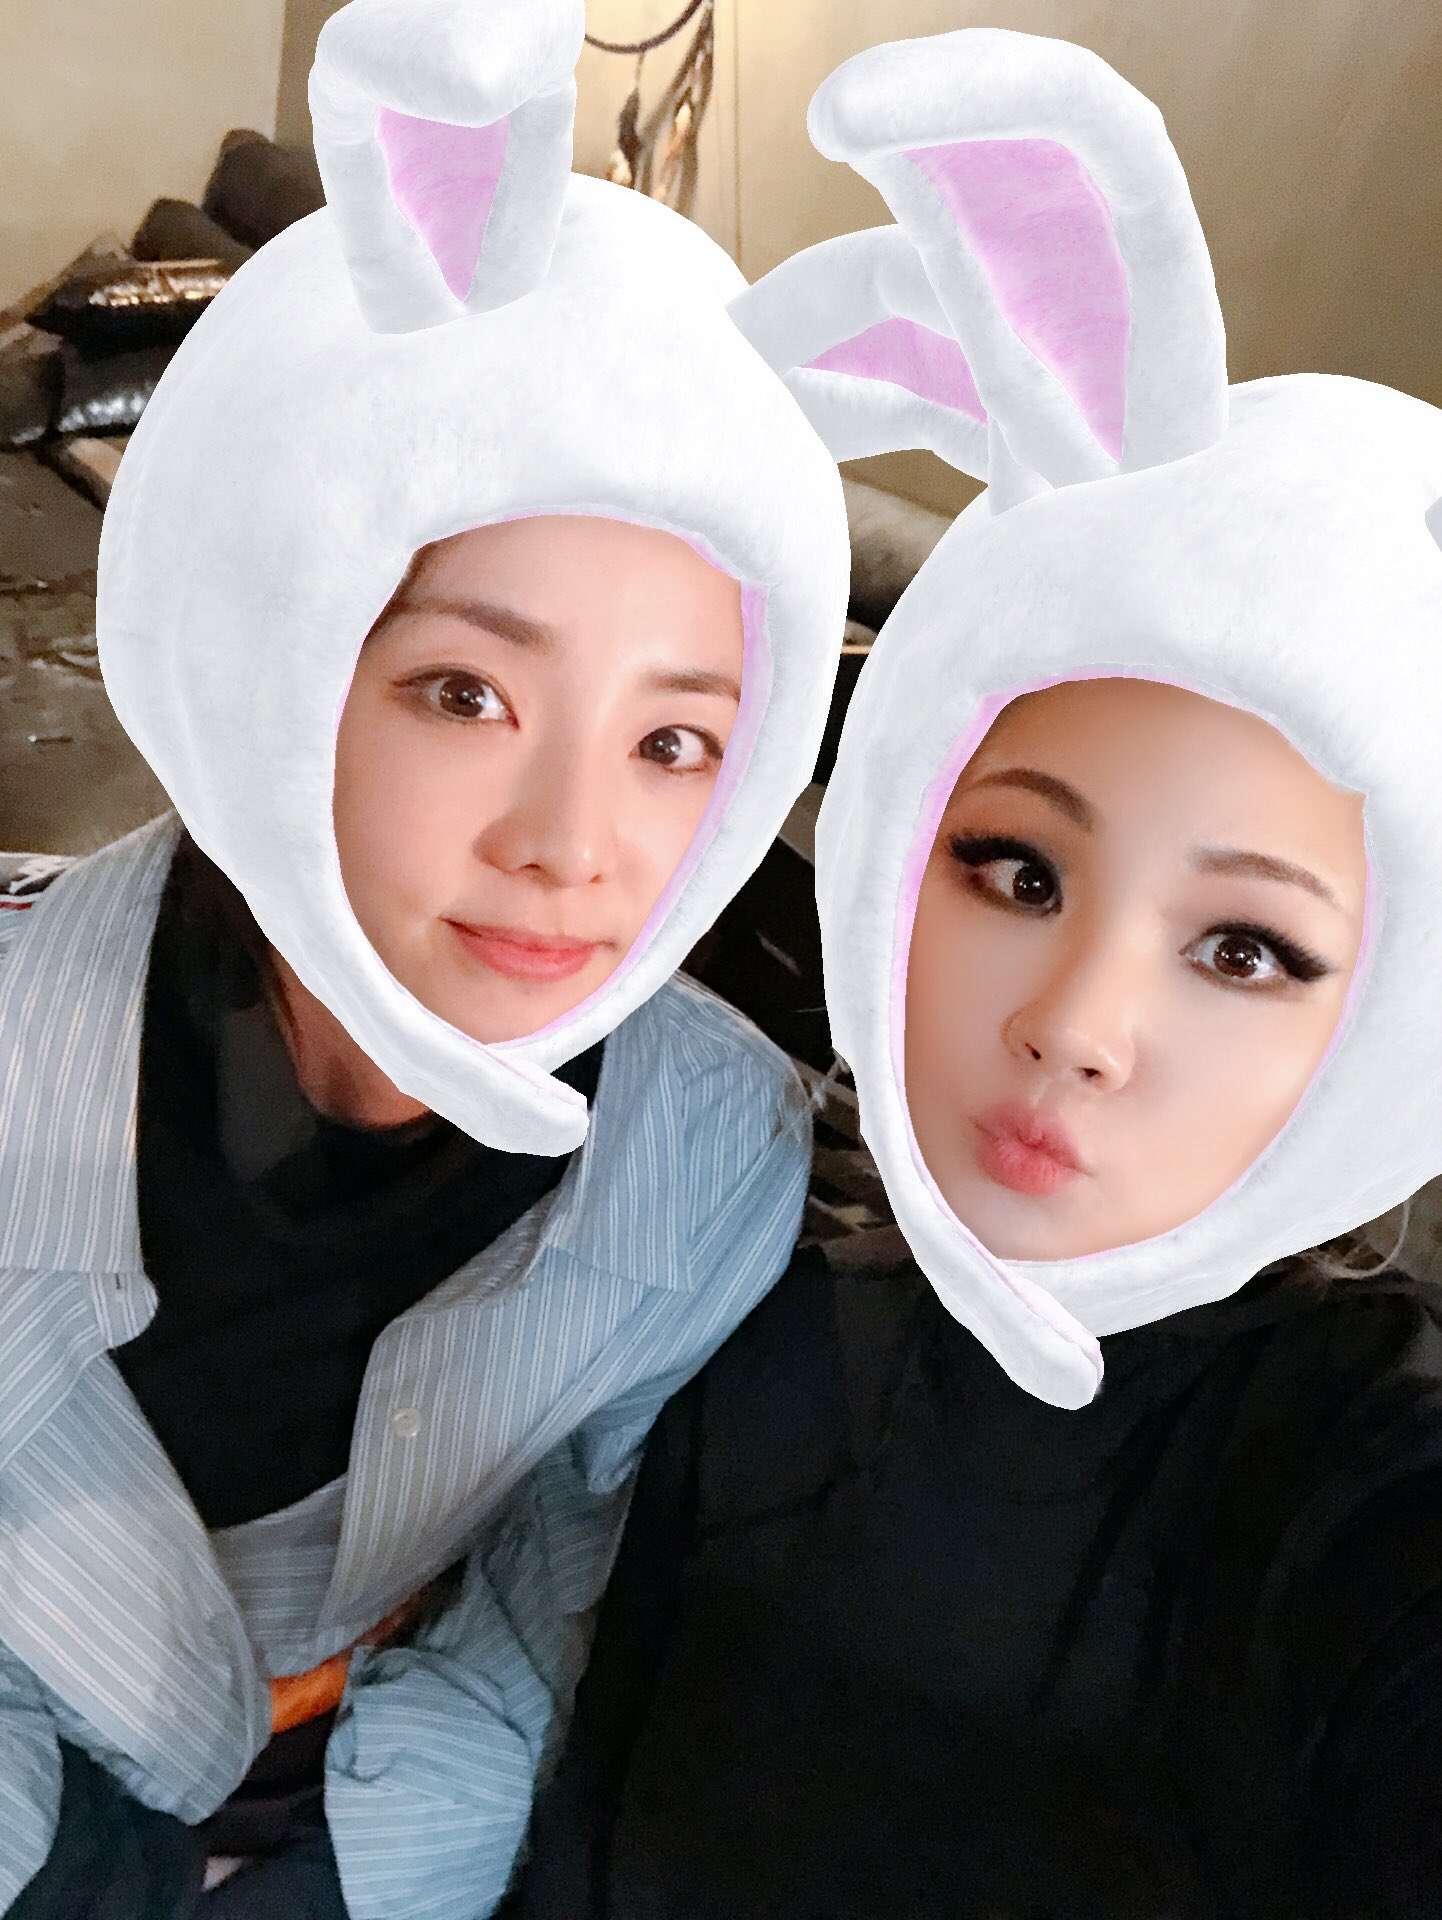 這位和Dara合體的成員就是我們的霸氣隊長CL,兩人玩起可愛app變成小白兔自拍,模樣和以前比較都沒什麼變。